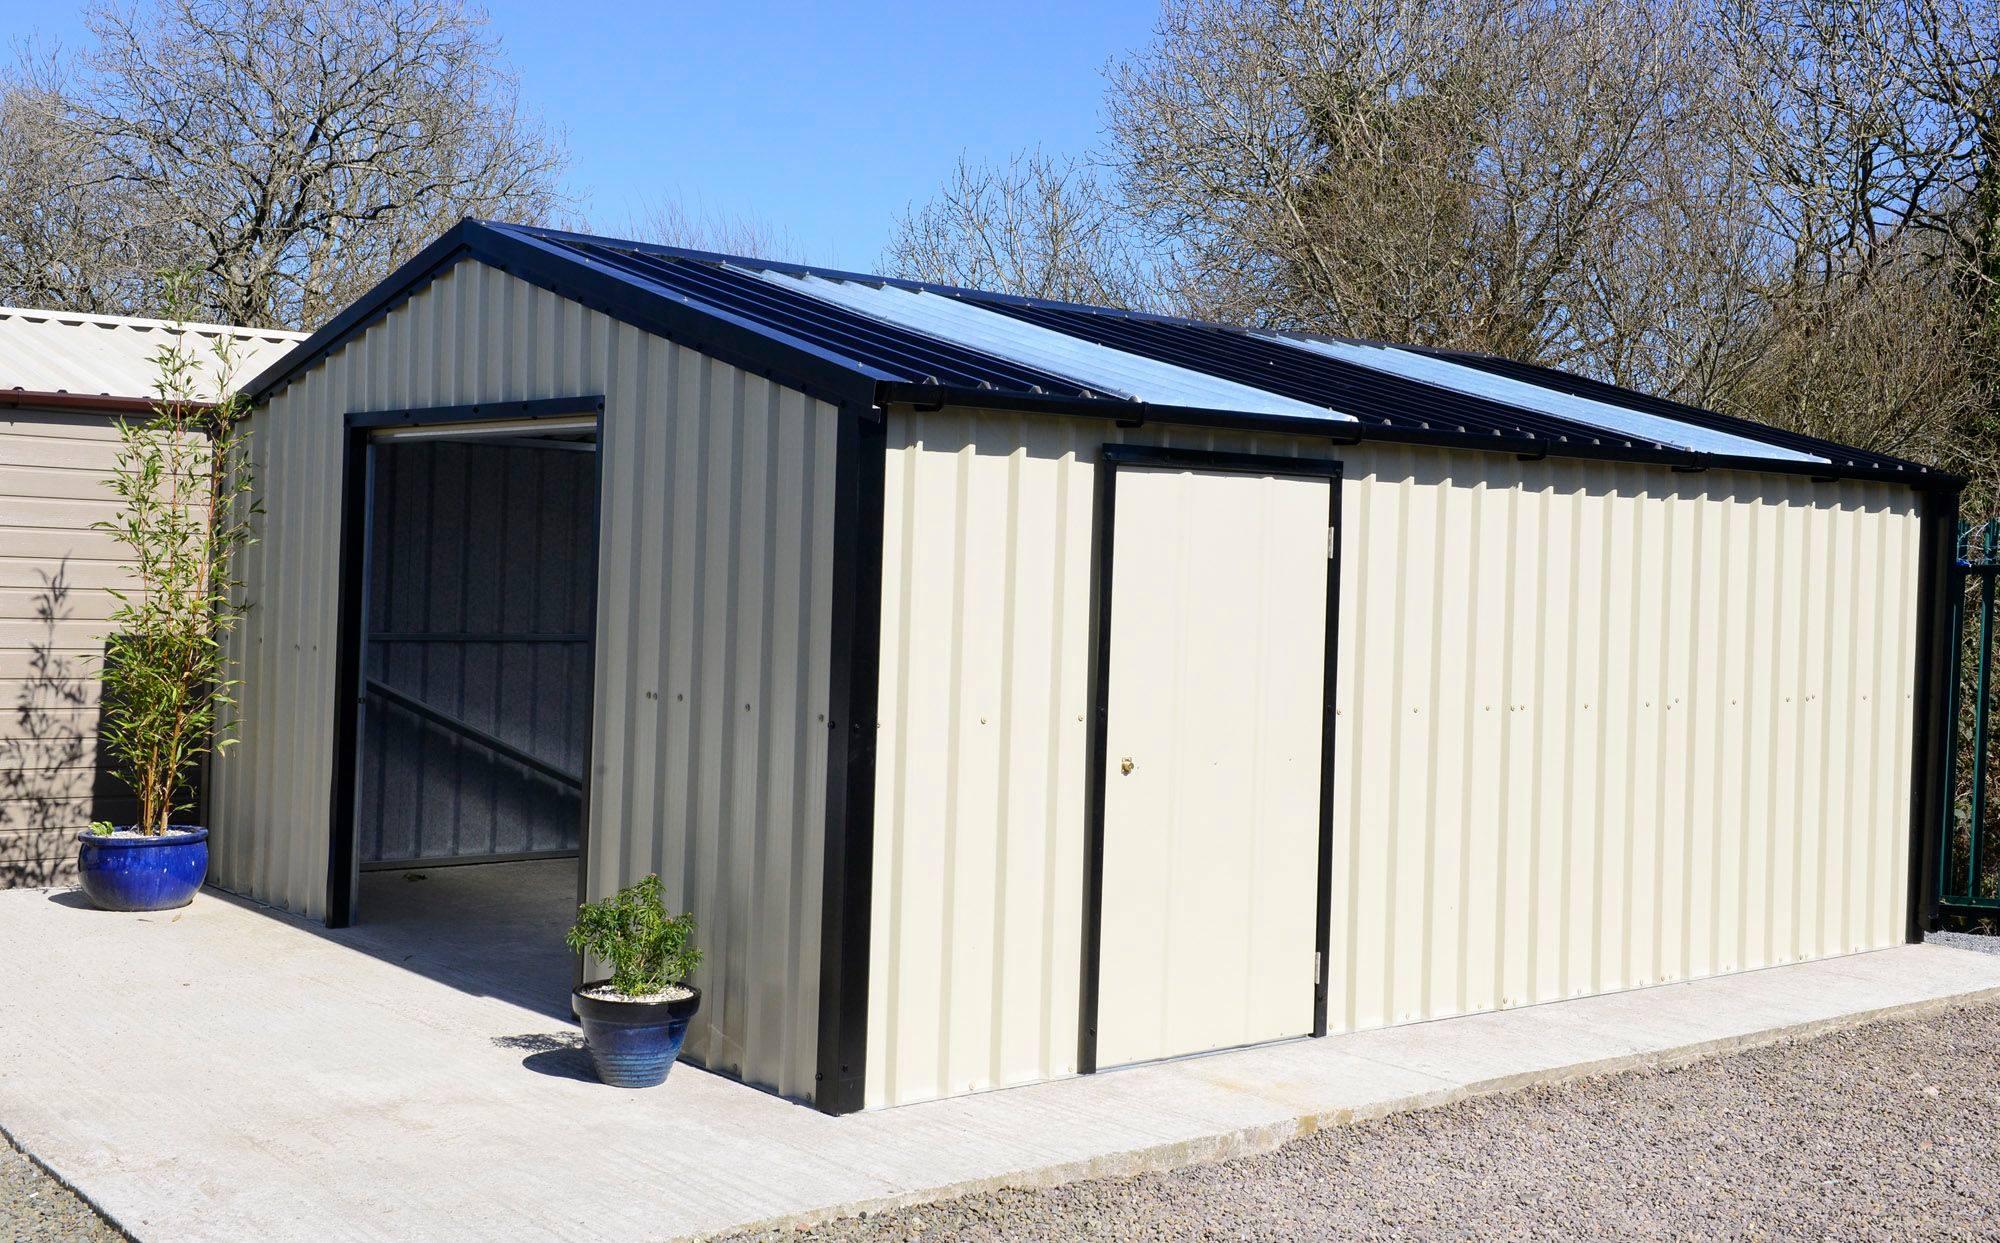 A1-Sheds-Cork-Steel-Shed-Manufacturers-Showroom-Bandon-Road-Bishopstown-Garages-Garden-Shed-Home-office.jpg